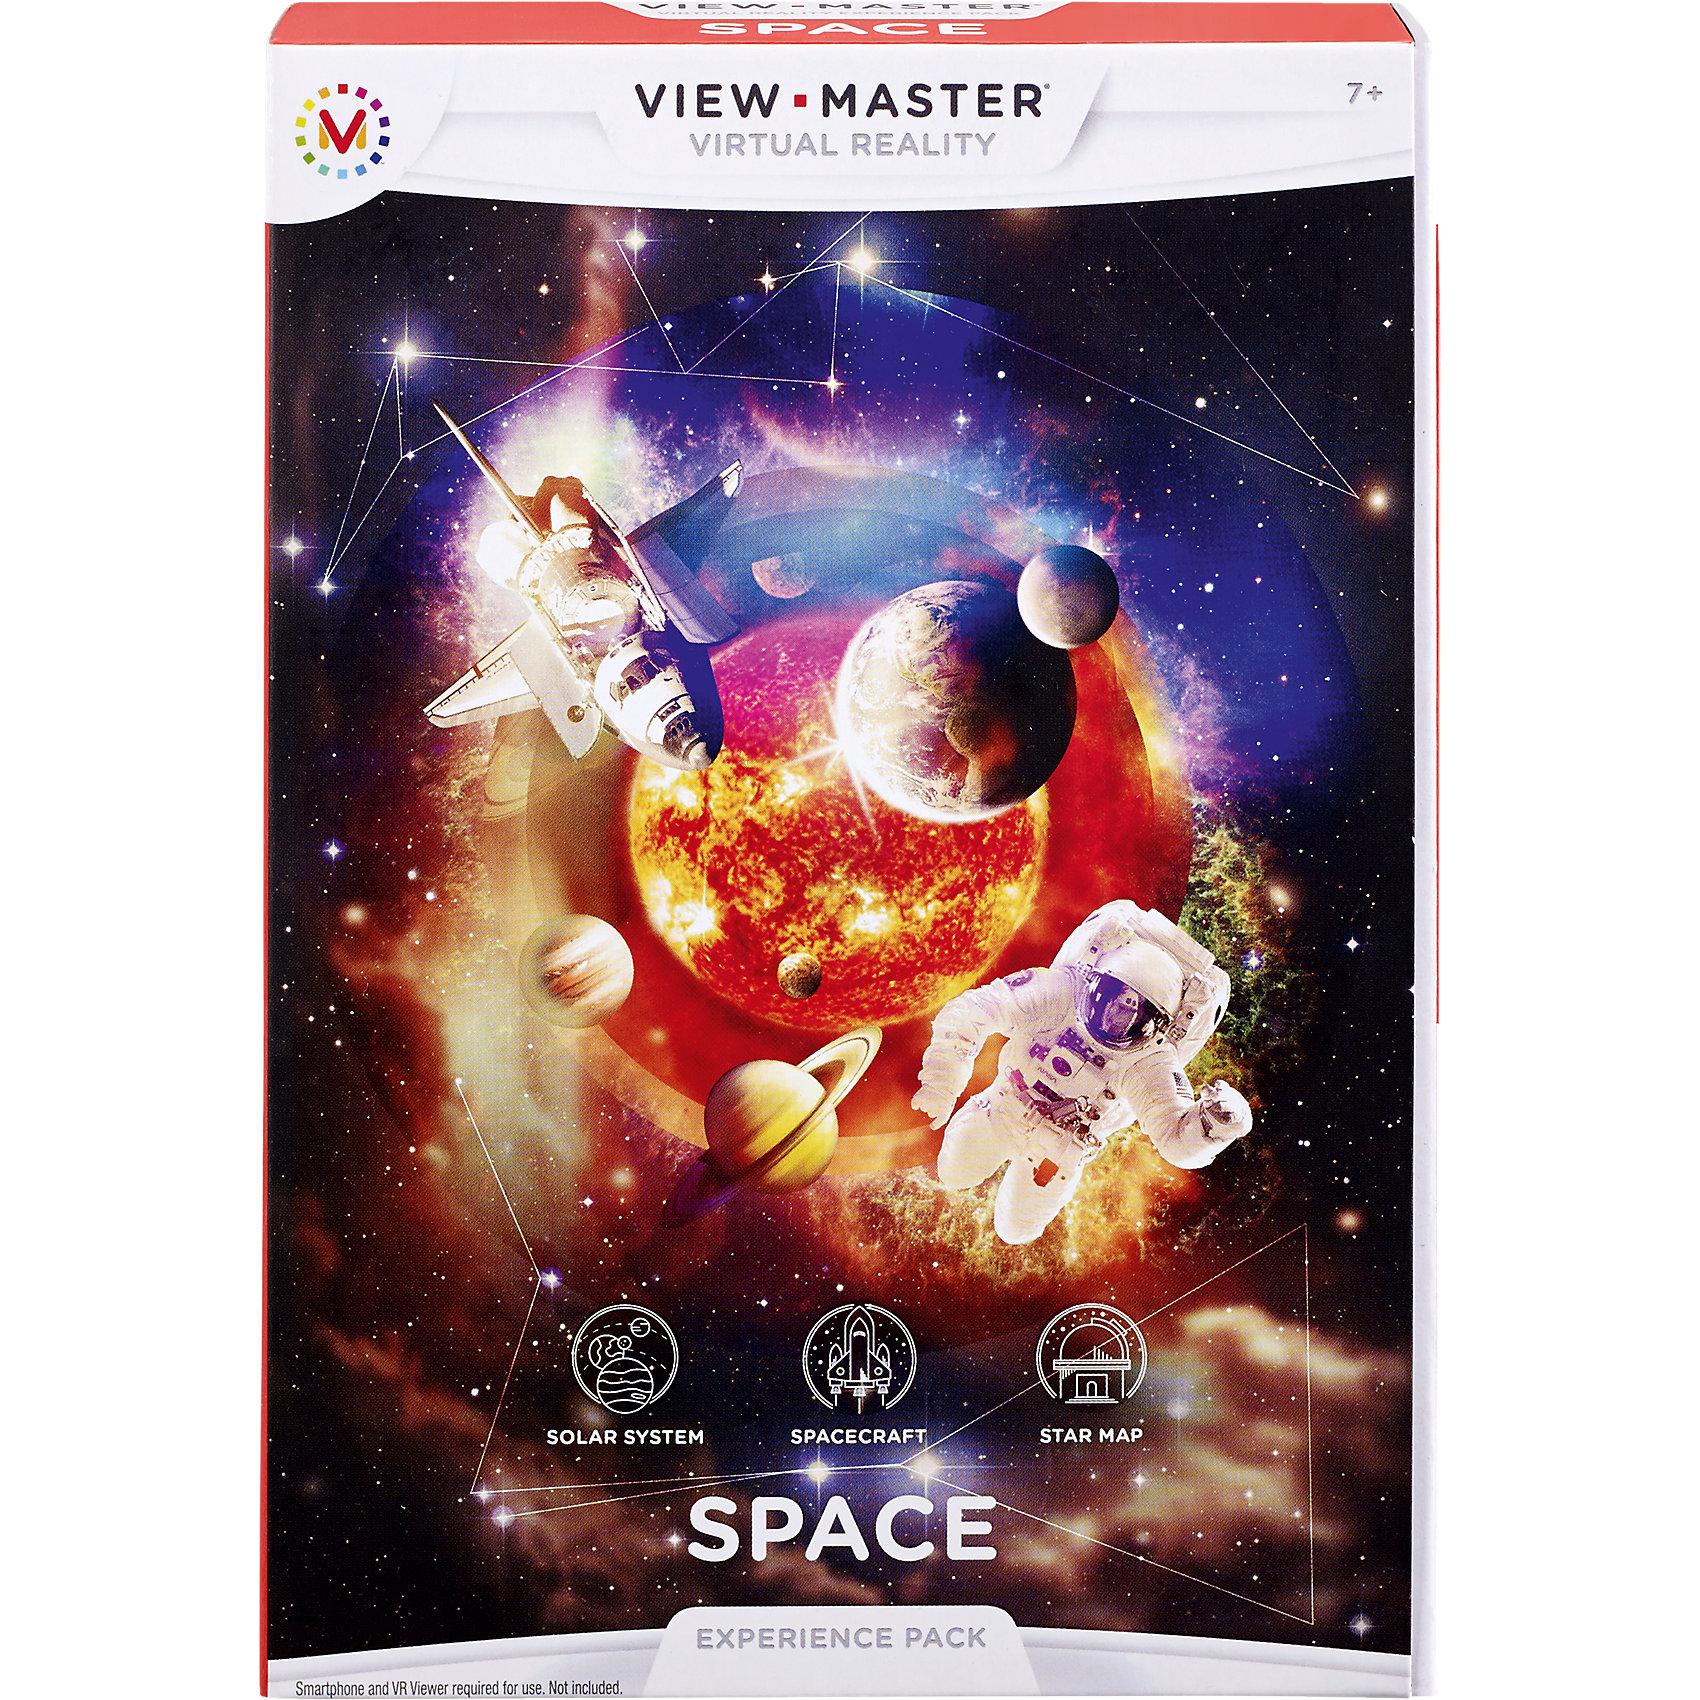 Приложение Космос для системы View MasterИгры для развлечений<br>Характеристики:<br><br>• Вид игр: обучающие<br>• Пол: универсальный<br>• Высокая четкость изображения<br>• Качественный звук<br>• Диски устойчивы к механическим повреждениям<br>• Для просмотра требуется смартфон и виртуальные очки View Master<br>• Тип упаковки: картонная коробка<br><br>Приложение Космос для системы View Master для системы View Master – тематический документальный фильм от National Geographic, предназначенный для просмотра с помощью виртуальных очков View Master. Просматривая фильм, Вы совершите захватывающее путешествие на космическом корабле, увидите карту звездного неба и познакомитесь с устройством солнечной системы. Эффект 3d изображения подарит Вам незабываемые впечатления и реальность присутствия. <br> <br>Приложение Космос для системы View Master для системы View Master можно купить в нашем интернет-магазине.<br><br>Ширина мм: 188<br>Глубина мм: 131<br>Высота мм: 33<br>Вес г: 222<br>Возраст от месяцев: 84<br>Возраст до месяцев: 132<br>Пол: Унисекс<br>Возраст: Детский<br>SKU: 4355891